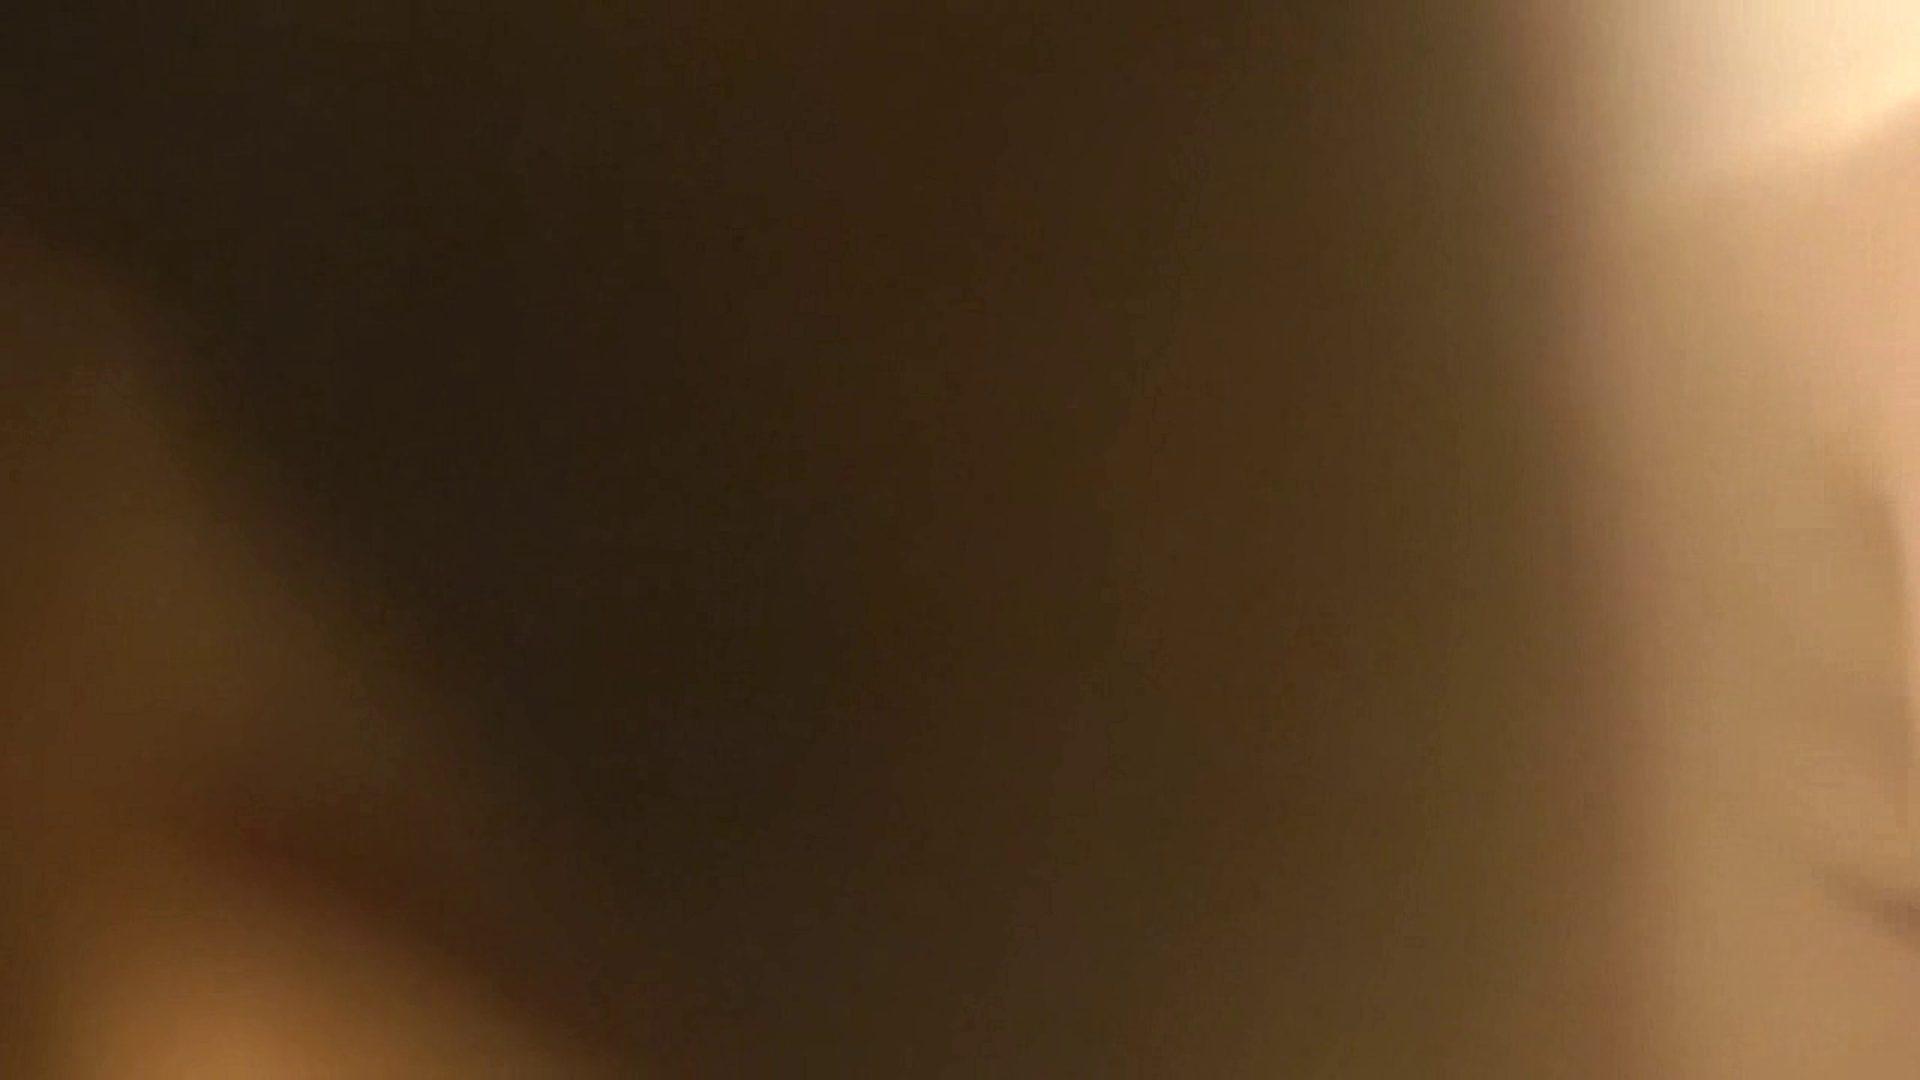 vol.1 Mayumi 窓越しに入浴シーン撮影に成功 OL   入浴シーン  89連発 53